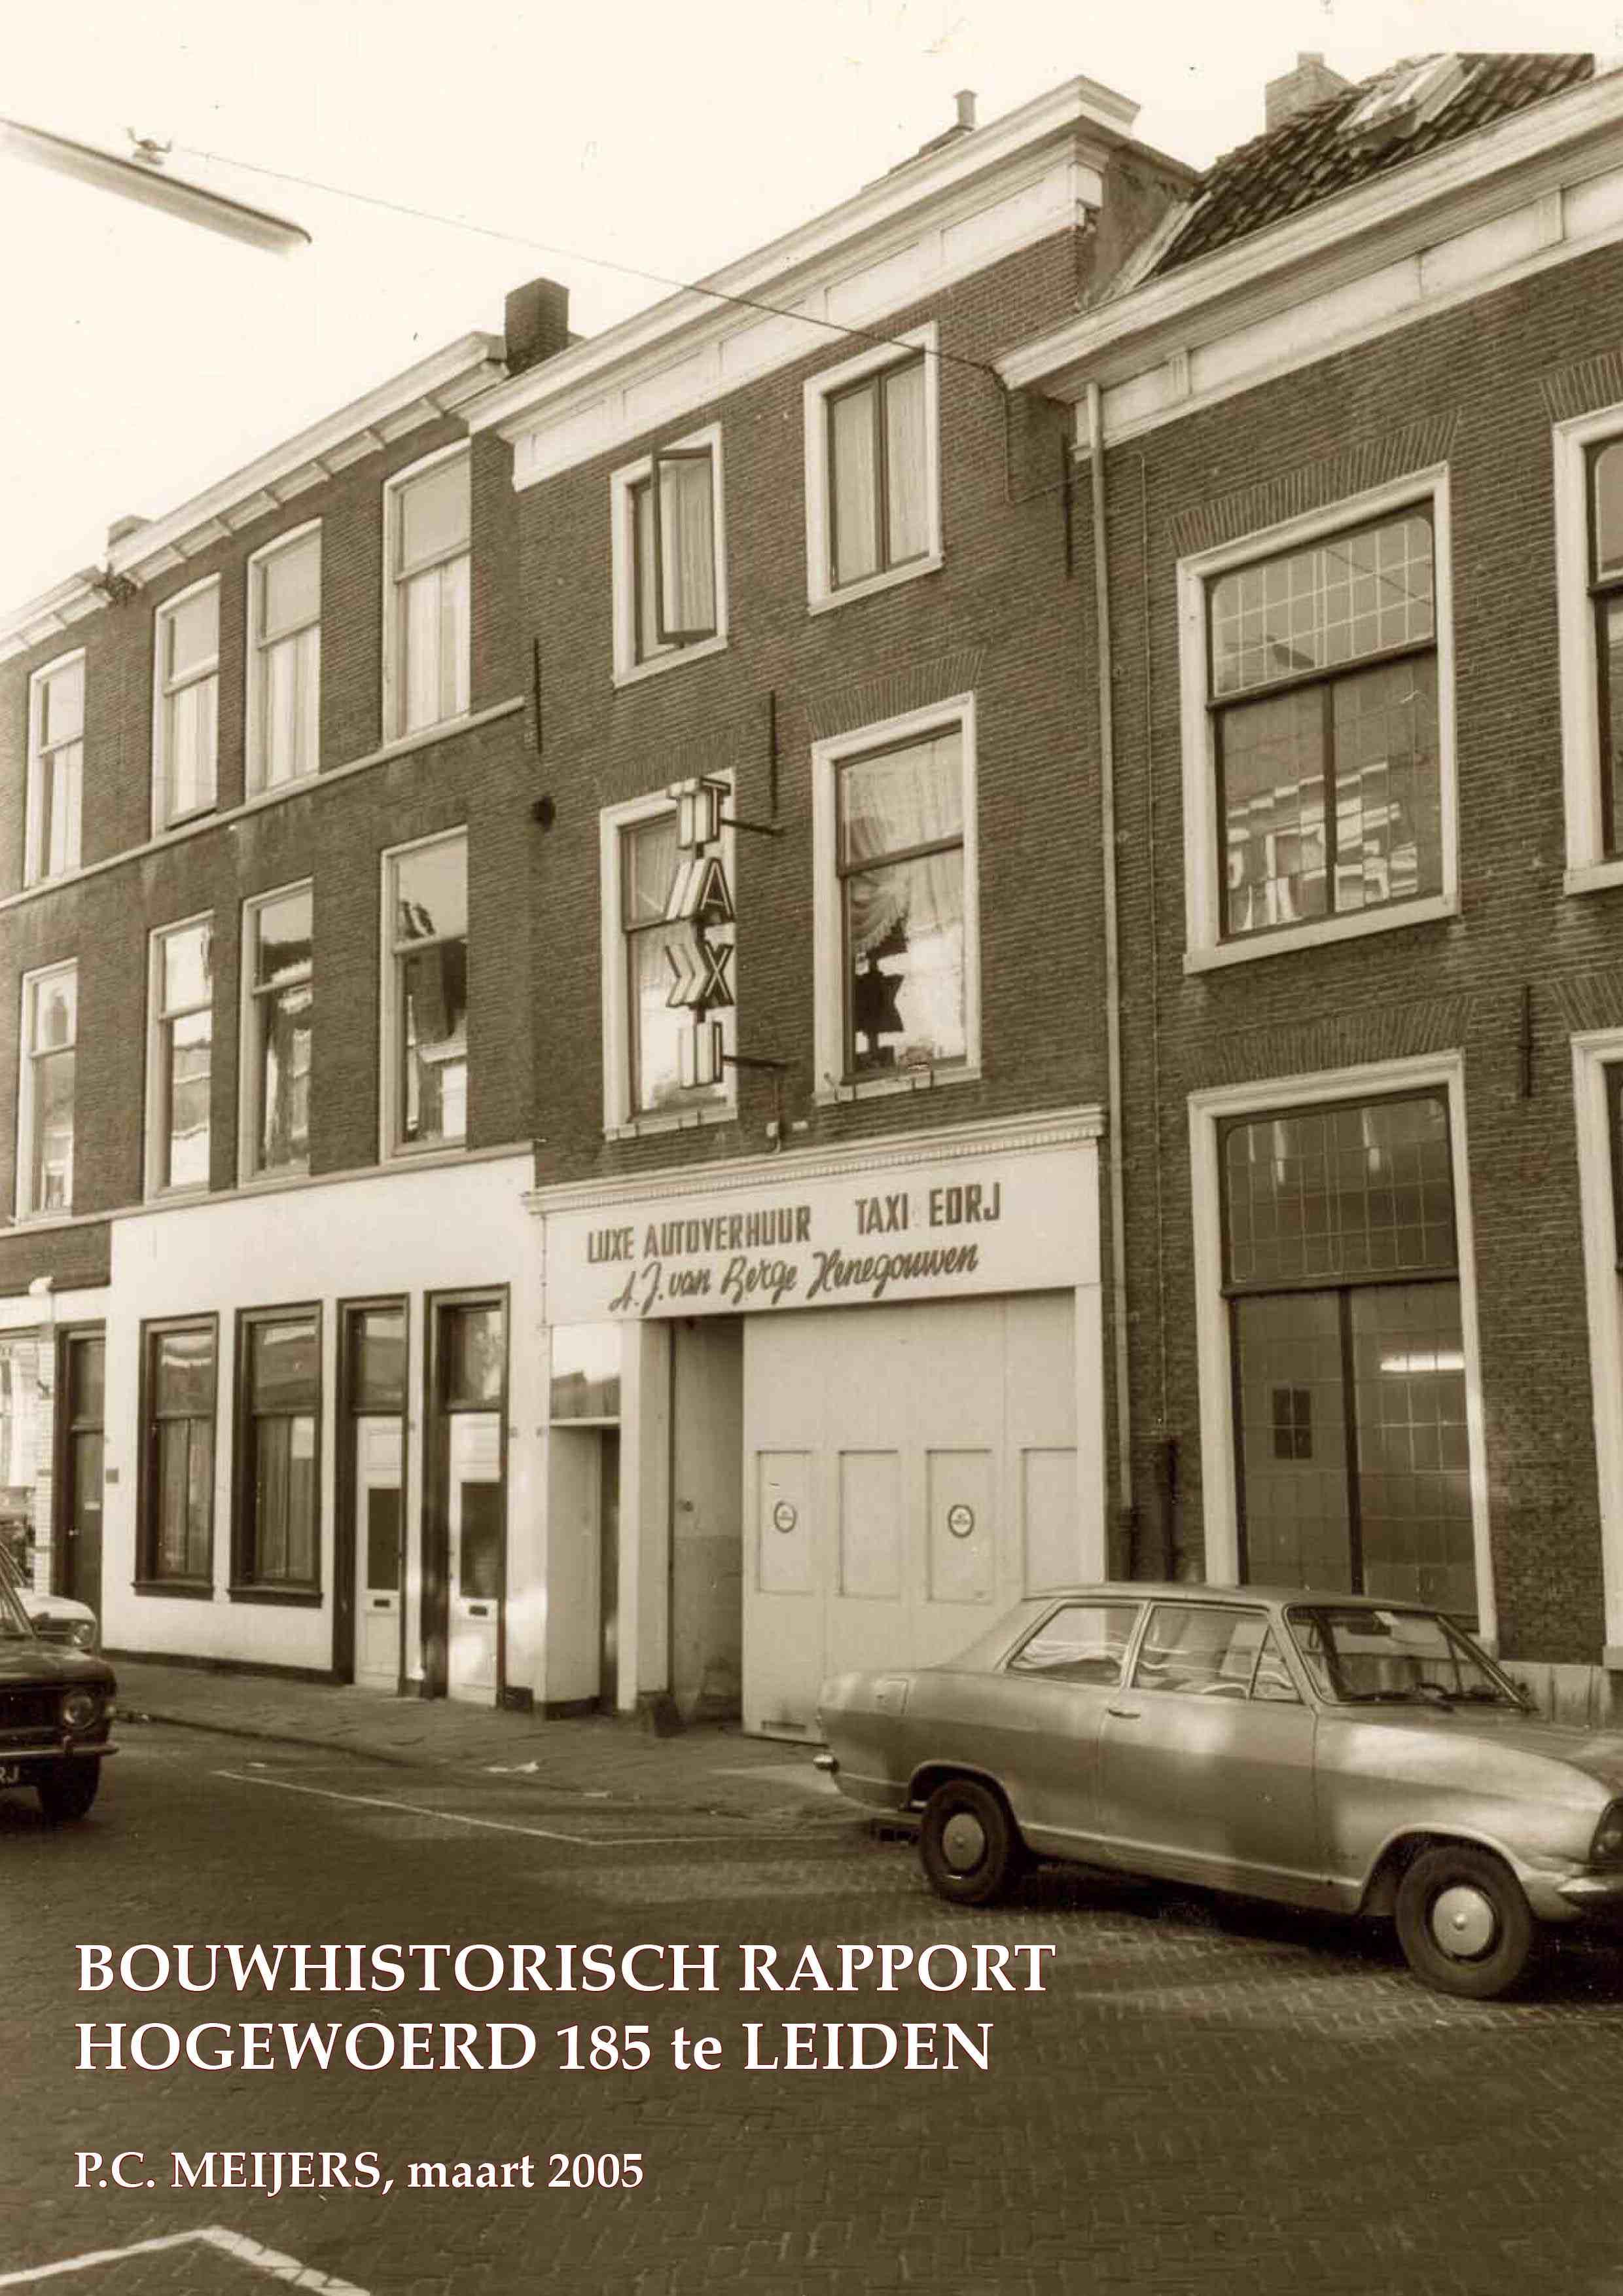 Hogewoerd 185, Leiden